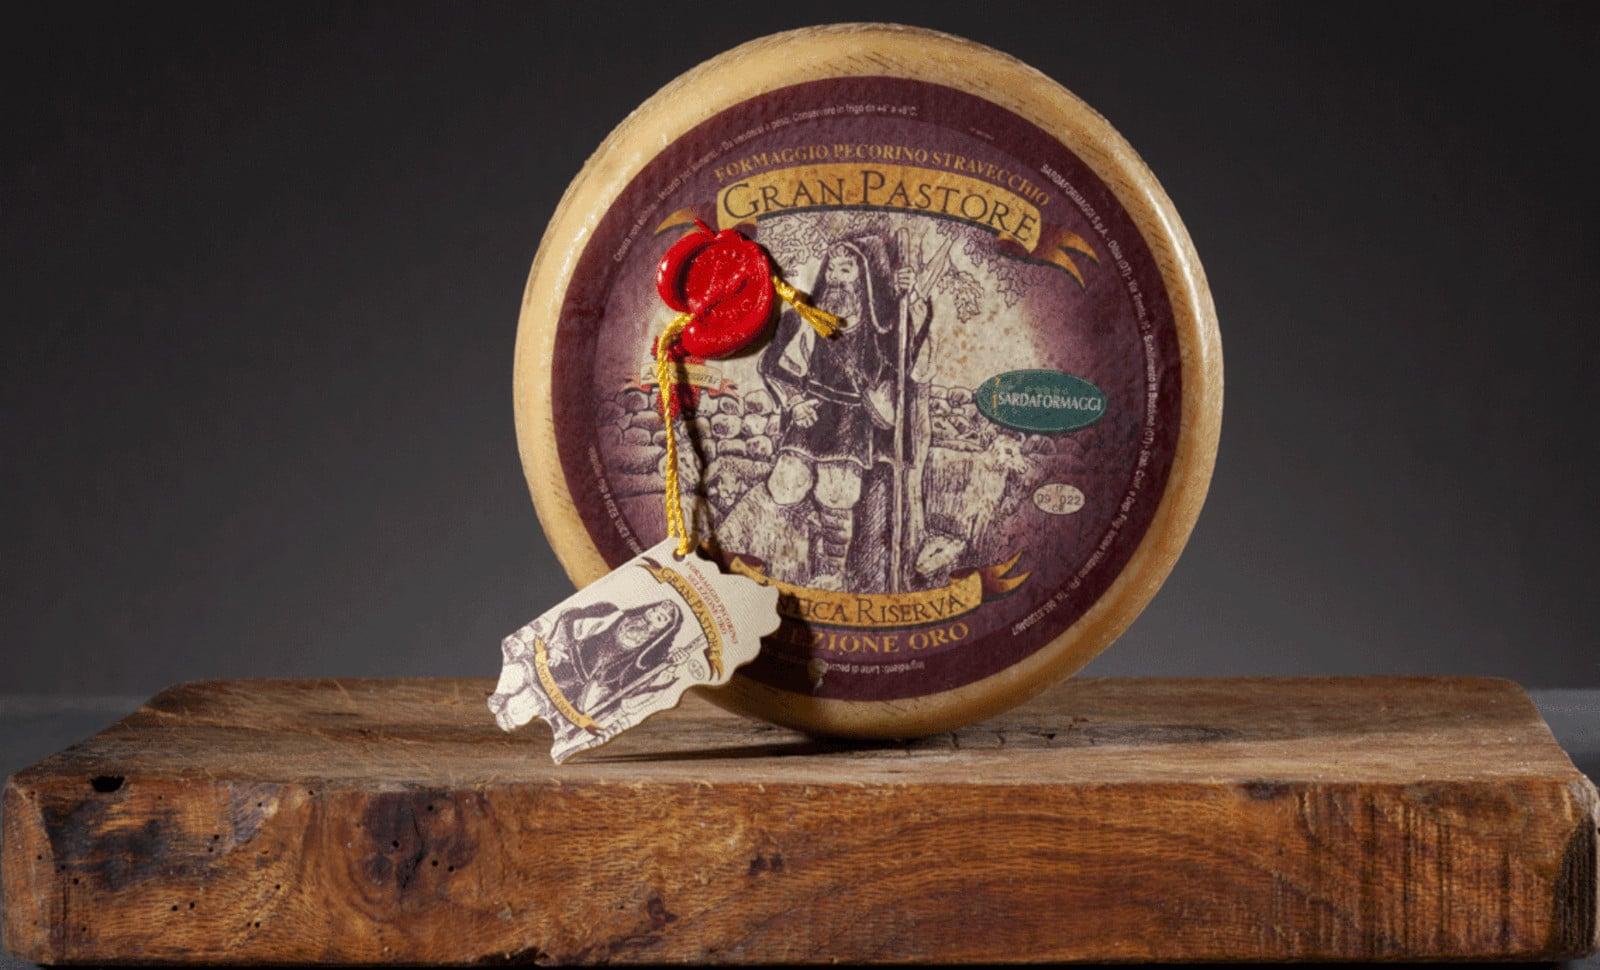 Oryginalne włoskie sery, makarony, wędliny, oliwy